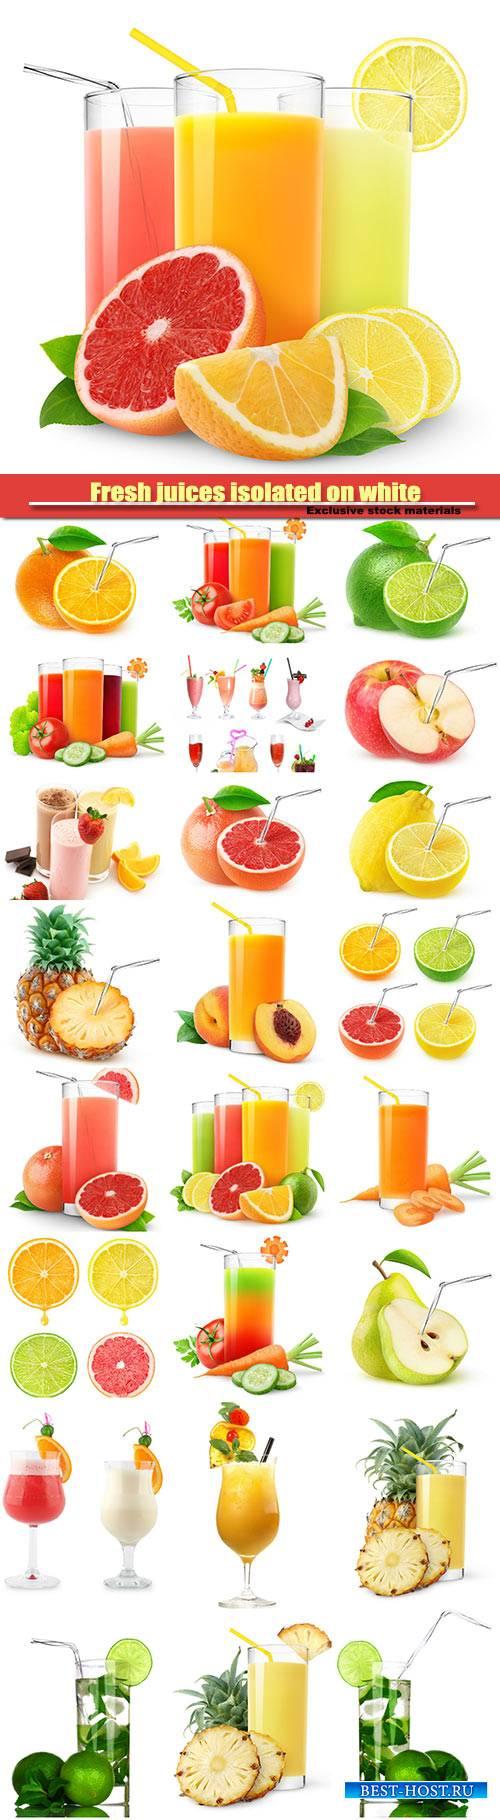 Fresh juices isolated on white background